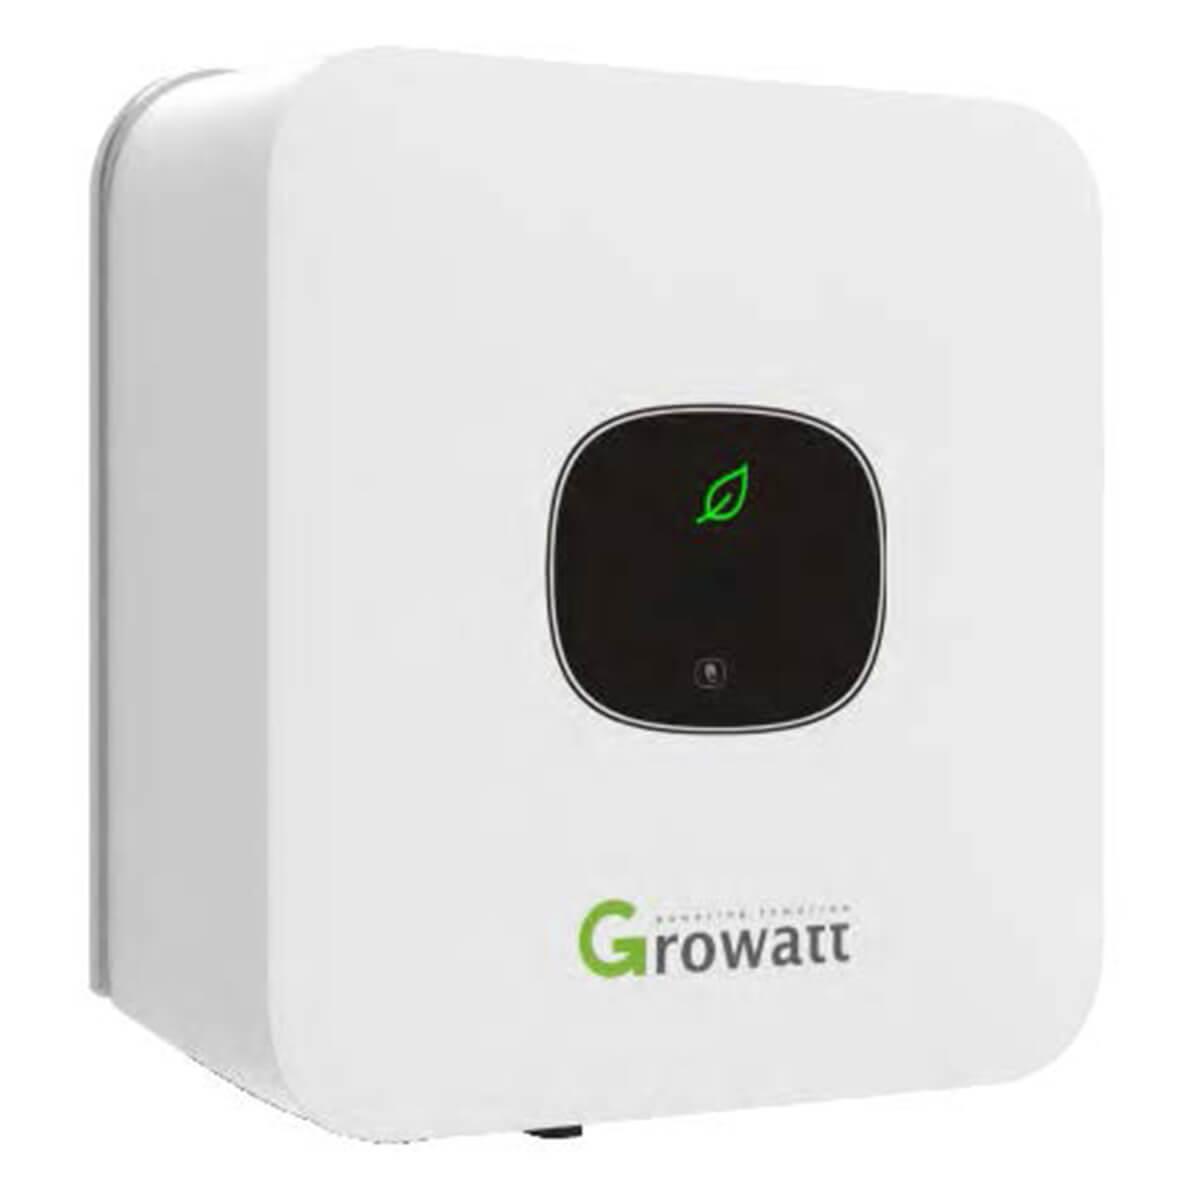 growatt 1000W inverter, growatt mic 1000W inverter, growatt mic 1000tl-x inverter, growatt mic 1000tl-x, growatt mic 1000 W, GROWATT 1 KW